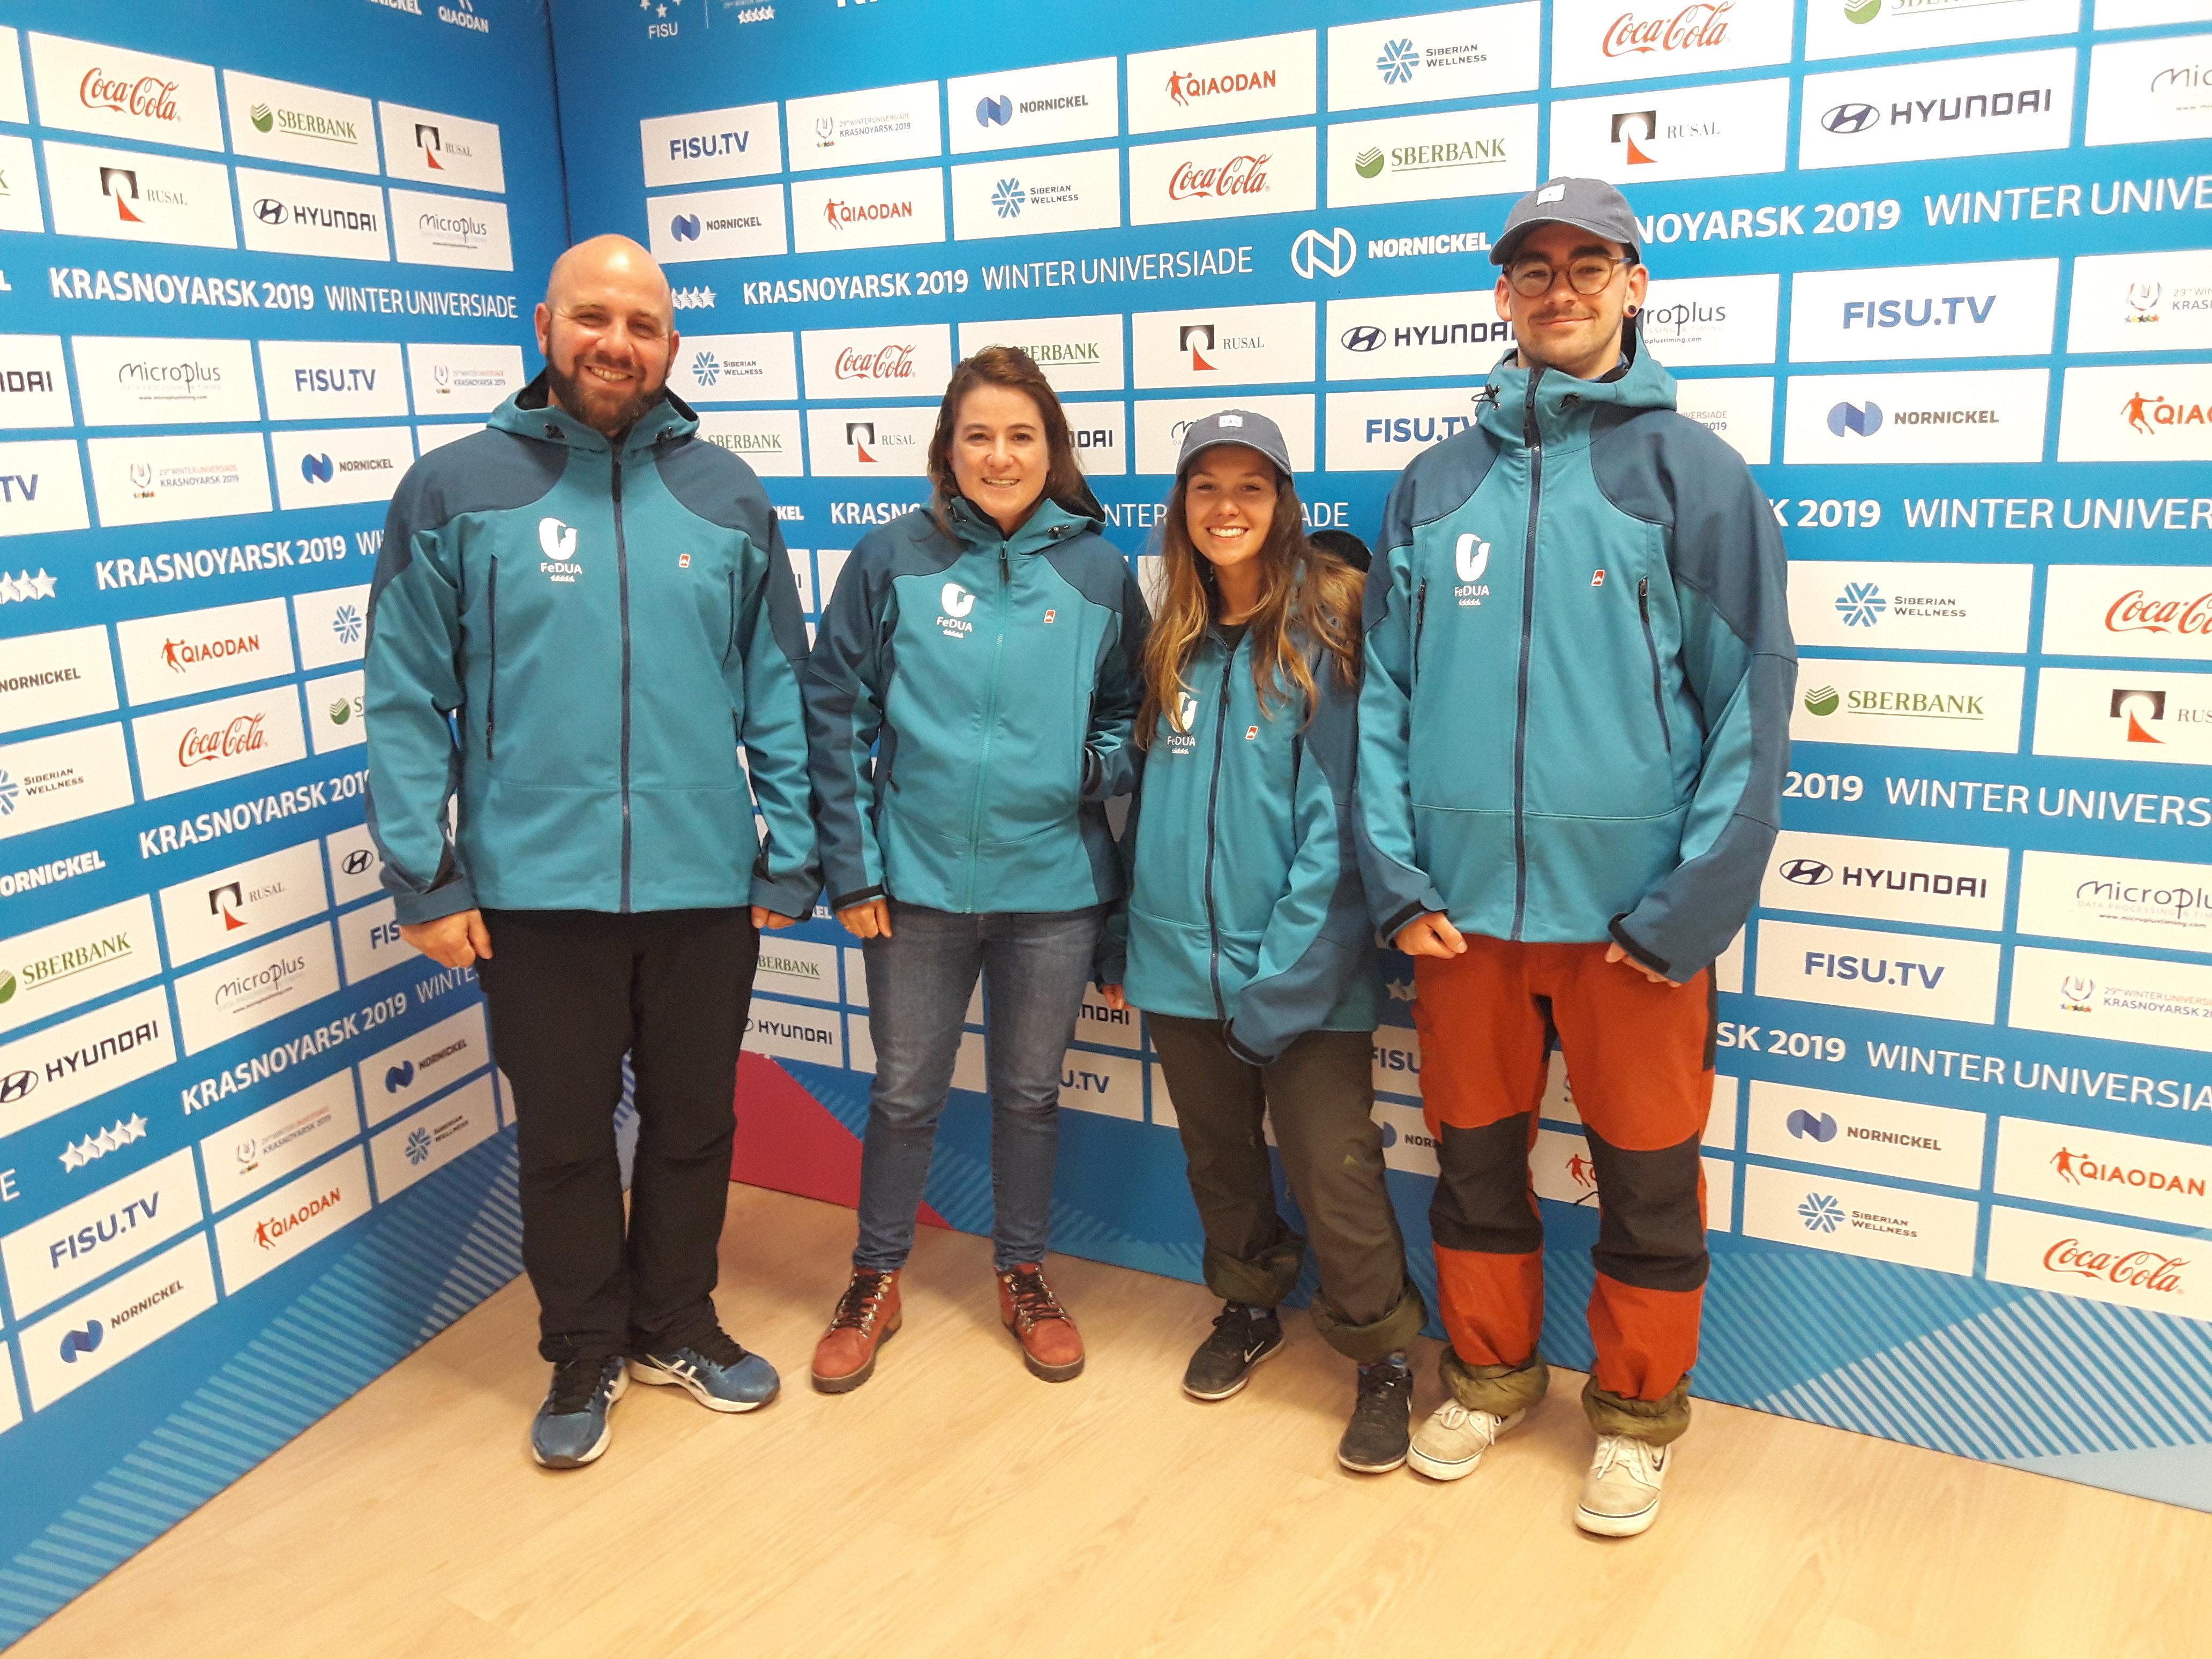 Delegación de Argentina en la Universiada de Krasnoyarsk